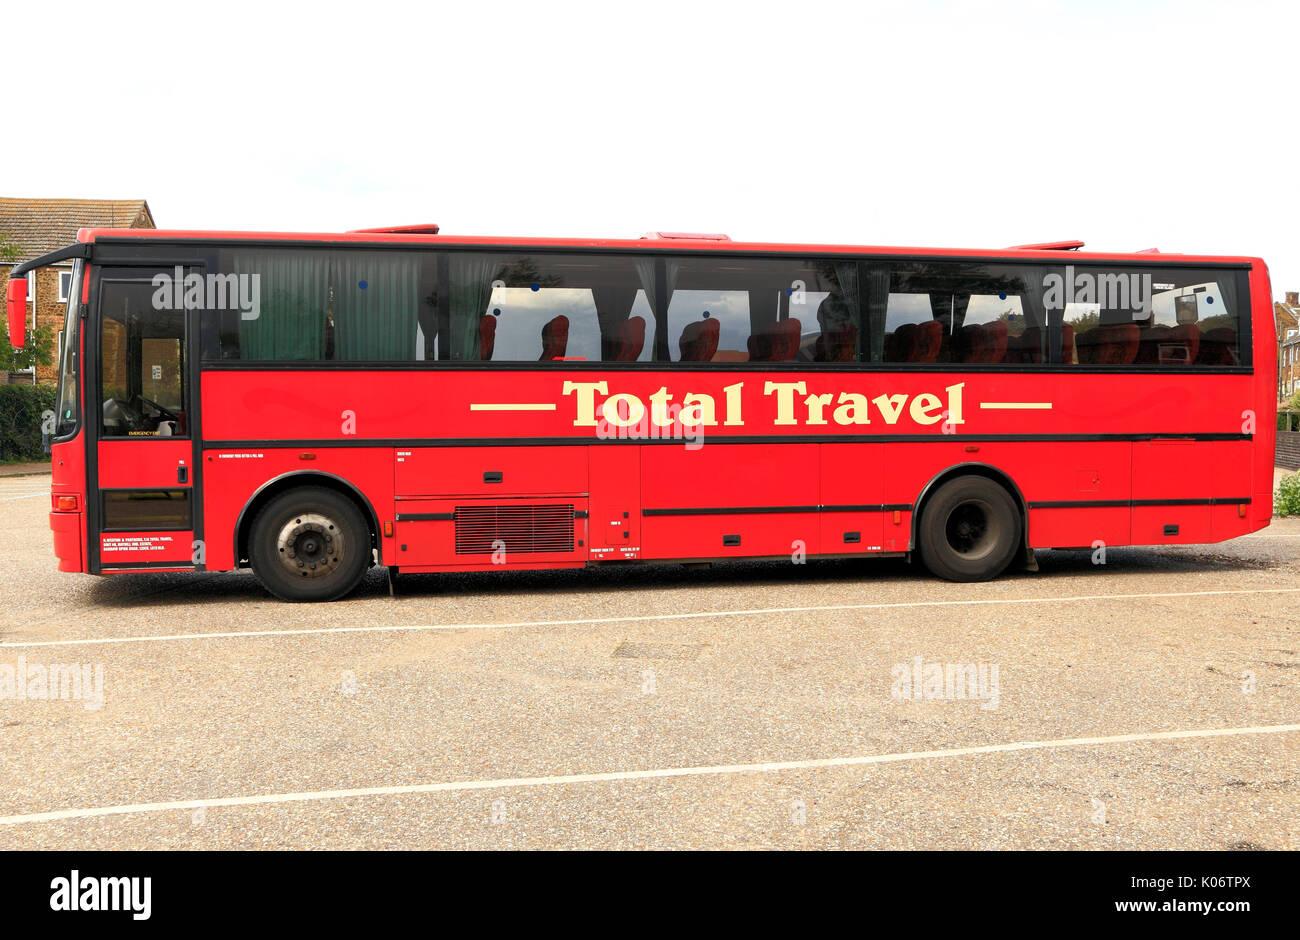 Total des frais de déplacement, l'entraîneur, des entraîneurs, des excursions d'un jour, voyage, excursion, excursions, entreprise, entreprises, England, UK Photo Stock